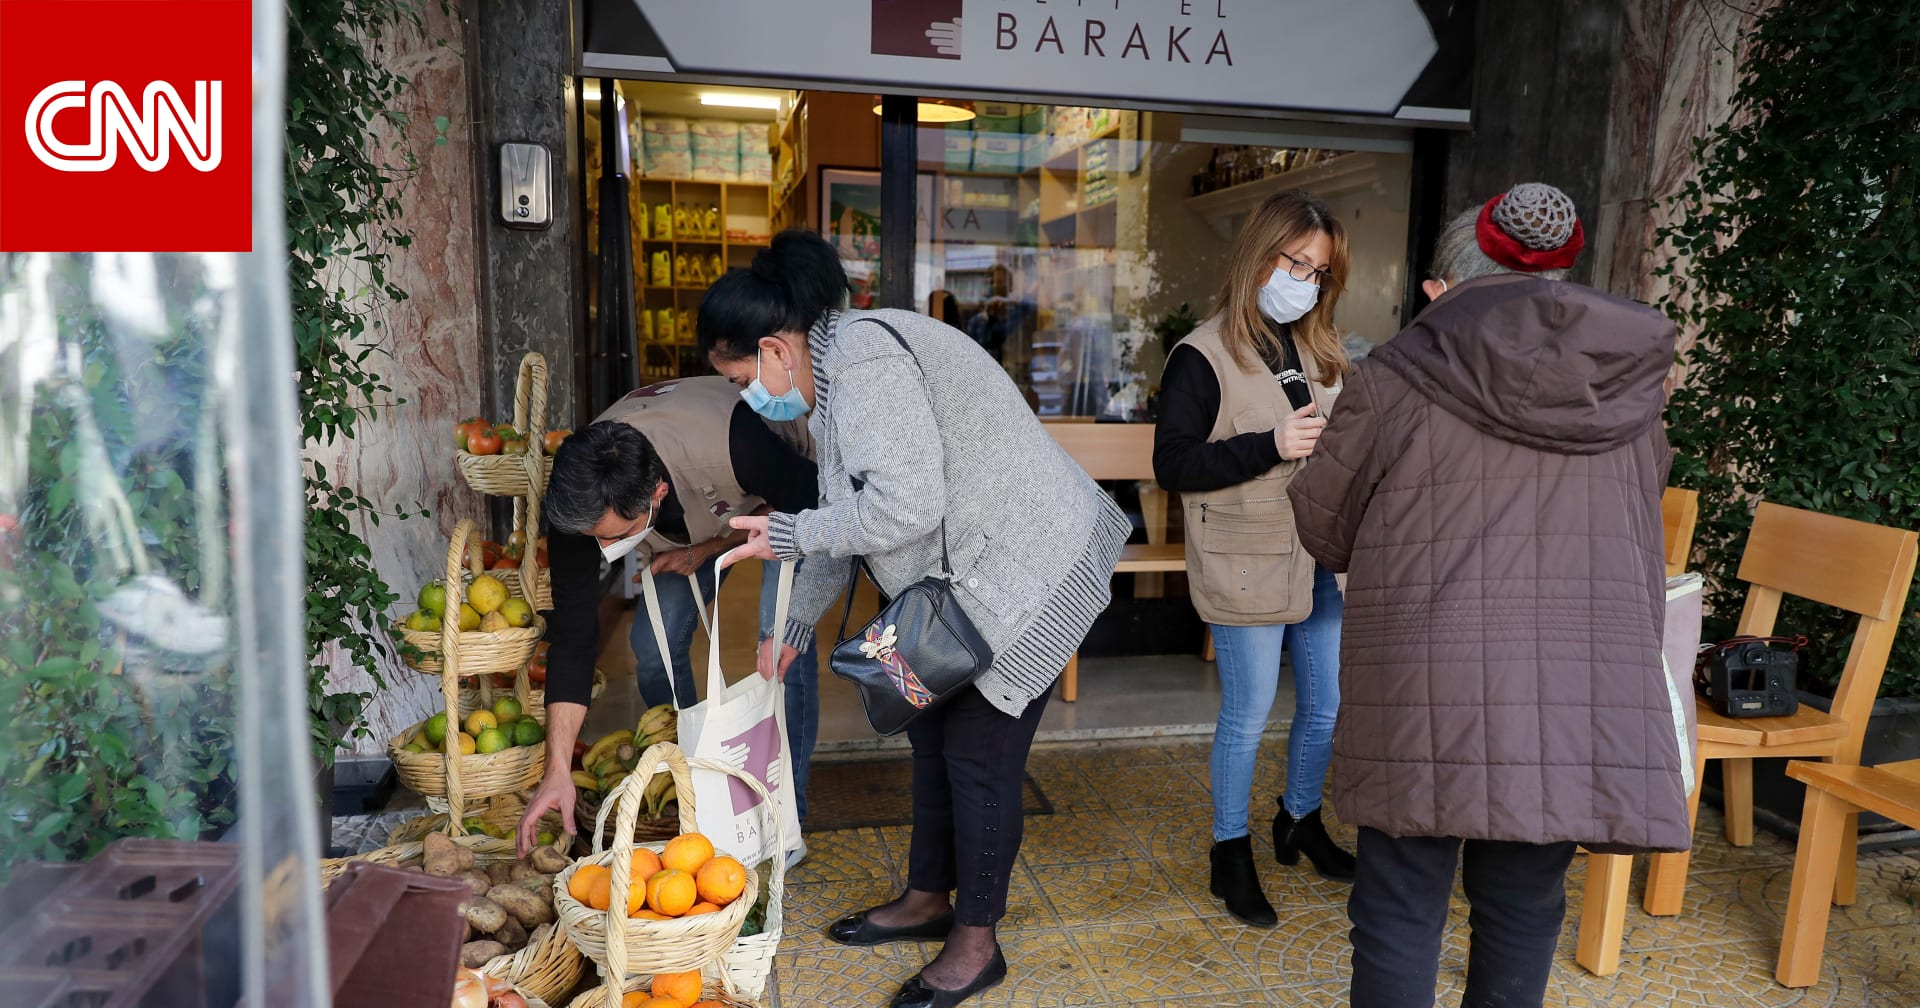 منظمة غير حكومية تحذر: الأزمة المالية في لبنان تدفع المزيد من الأسر إلى الجوع